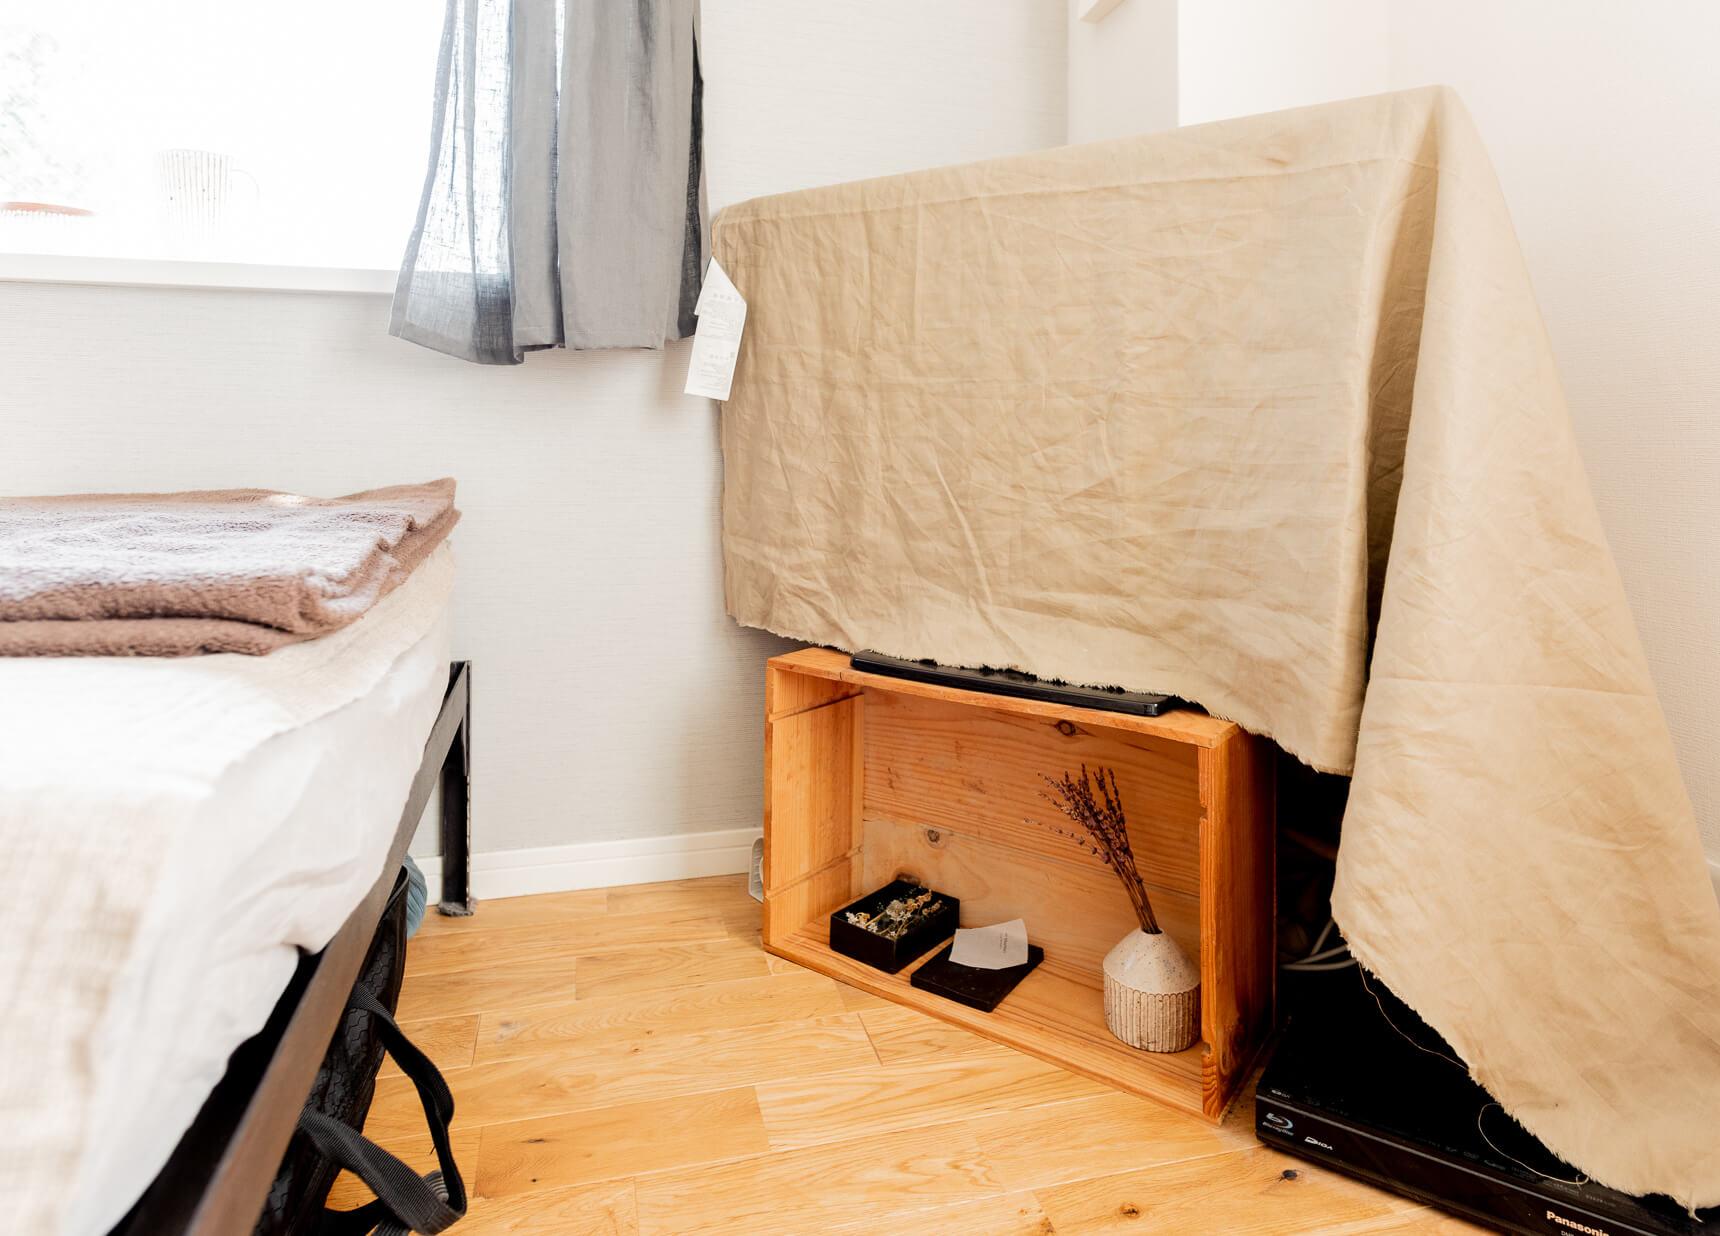 部屋が素敵になればなるほど問題になるのがテレビとテレビ台。テレビって、使ってないときは「真っ黒な平面」なので部屋の雰囲気を壊しがち。昨今大画面化しているのでなおさら。布をかけちゃうの、いいな! と思った。「テレビ台にしてるのはワインの木箱です」